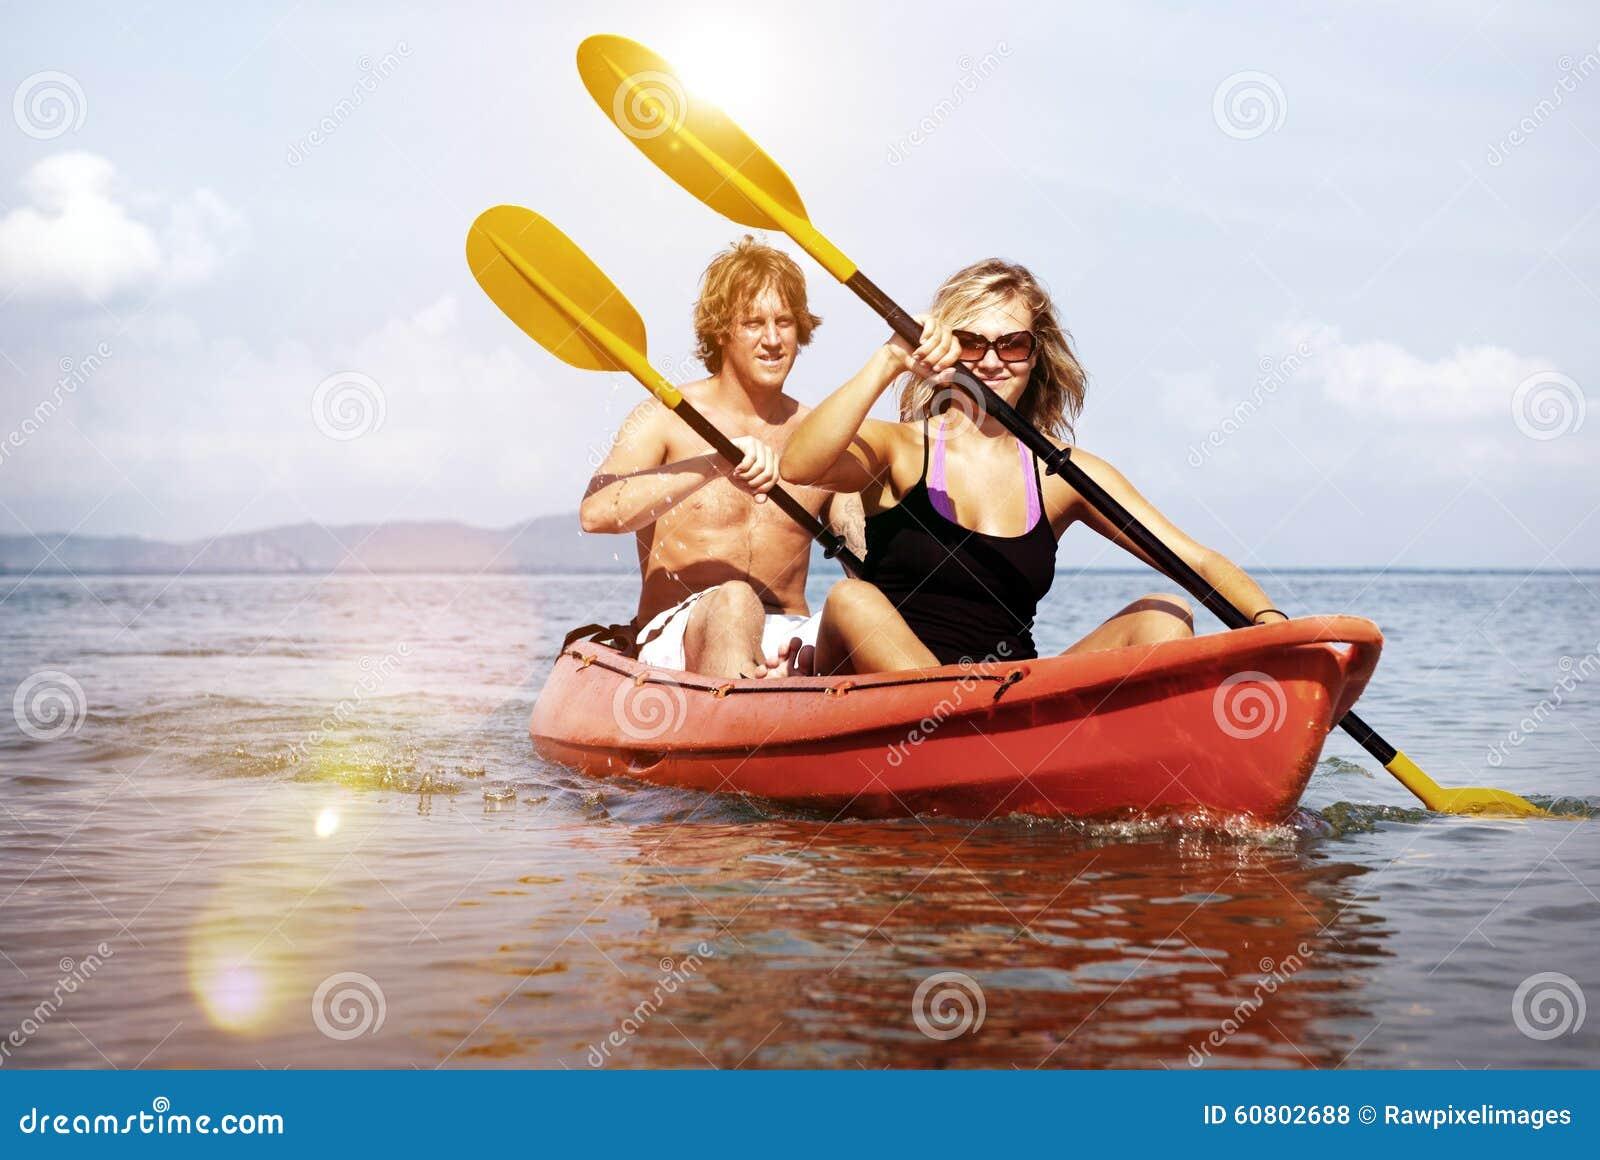 Van de het Geluk Recreatief Achtervolging van het Kayakingsavontuur het Paarconcept